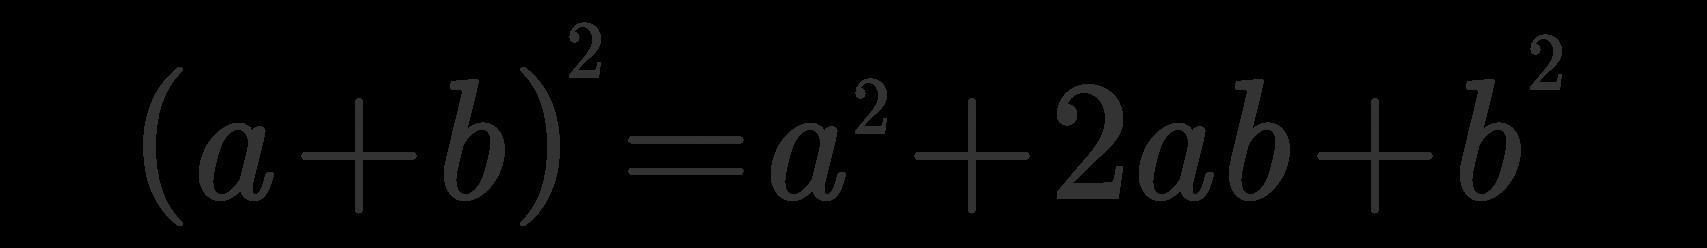 Quadrato di un binomio 1